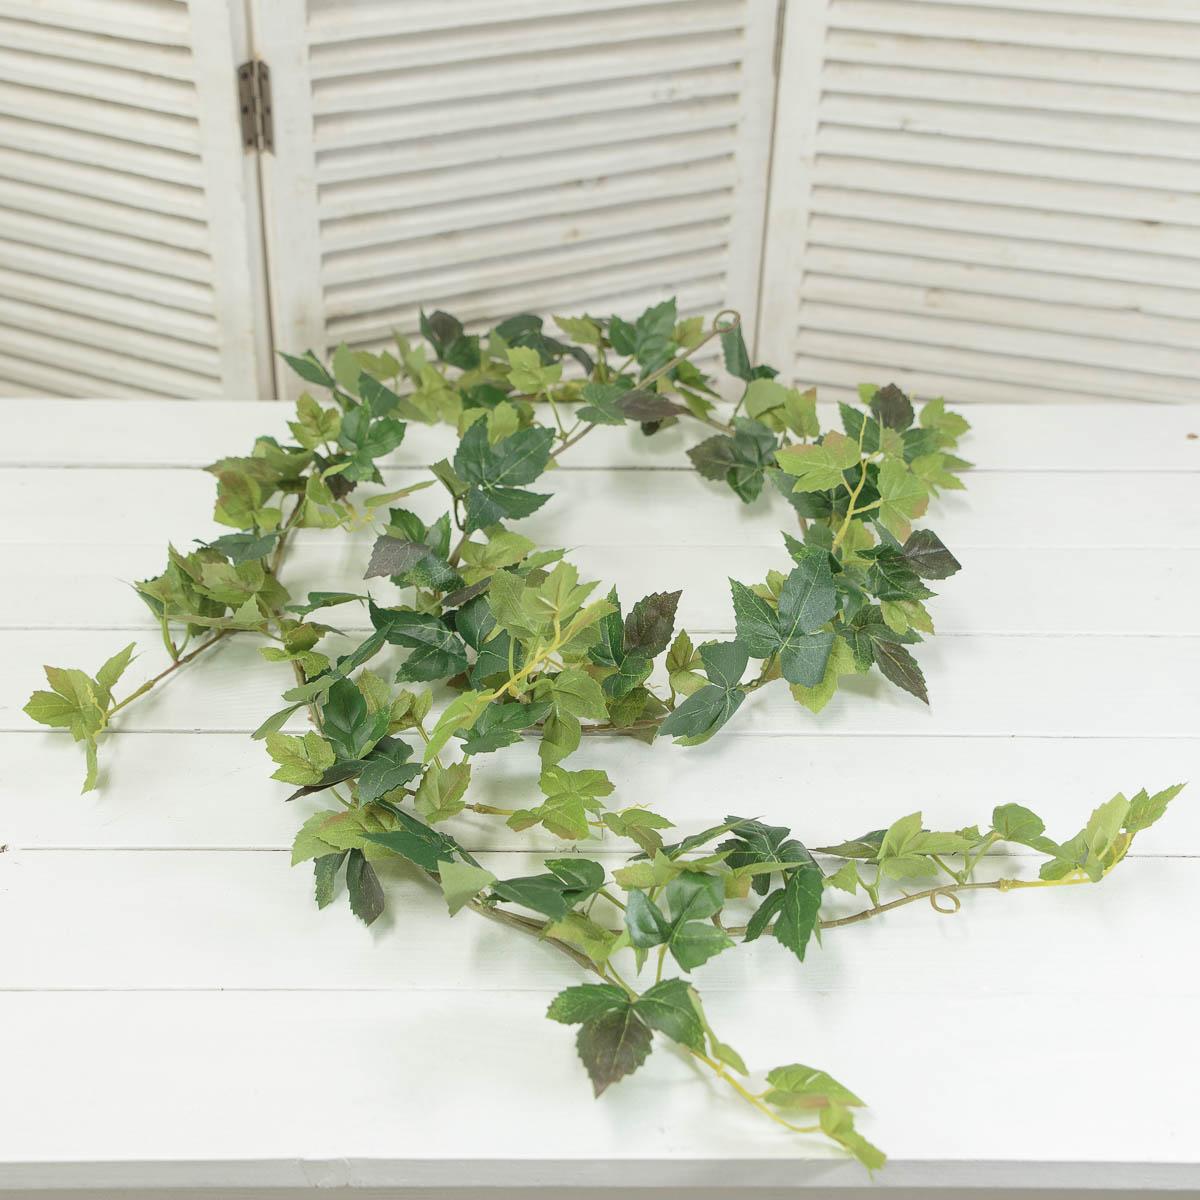 조화넝쿨 네추럴 잎사귀 갈란드 184cm 메이플아이비